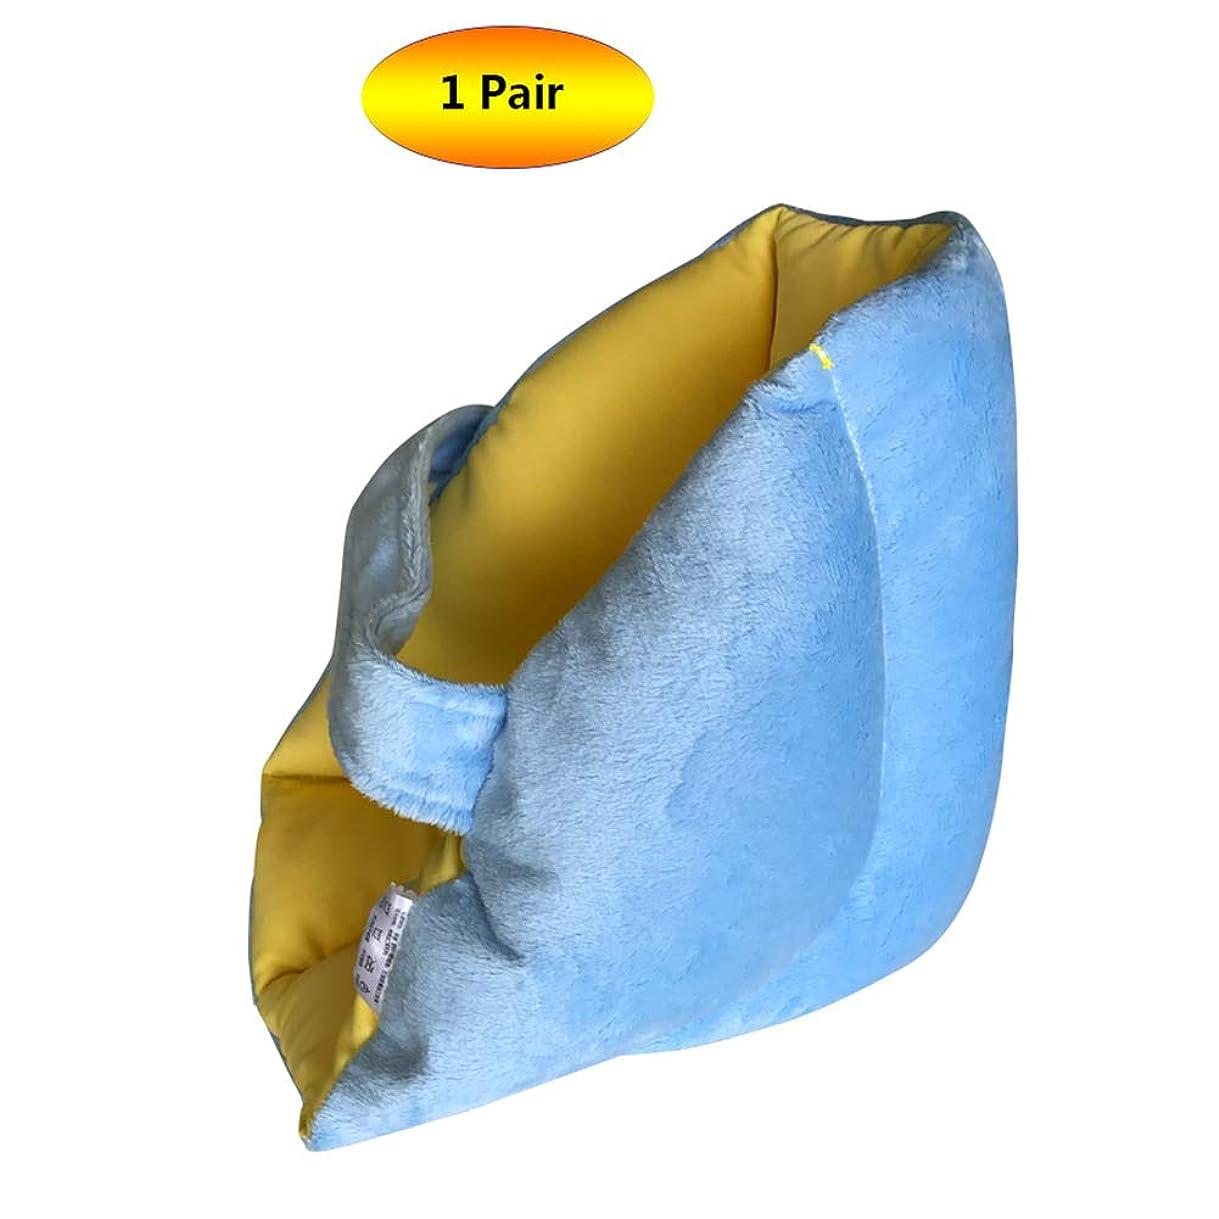 必要条件人物誘発するヒールプロテクター、ソフト慰めヒール枕、ヒールフロートヒールプロテクター、高齢者の足補正カバー - 1ペア,1Pair